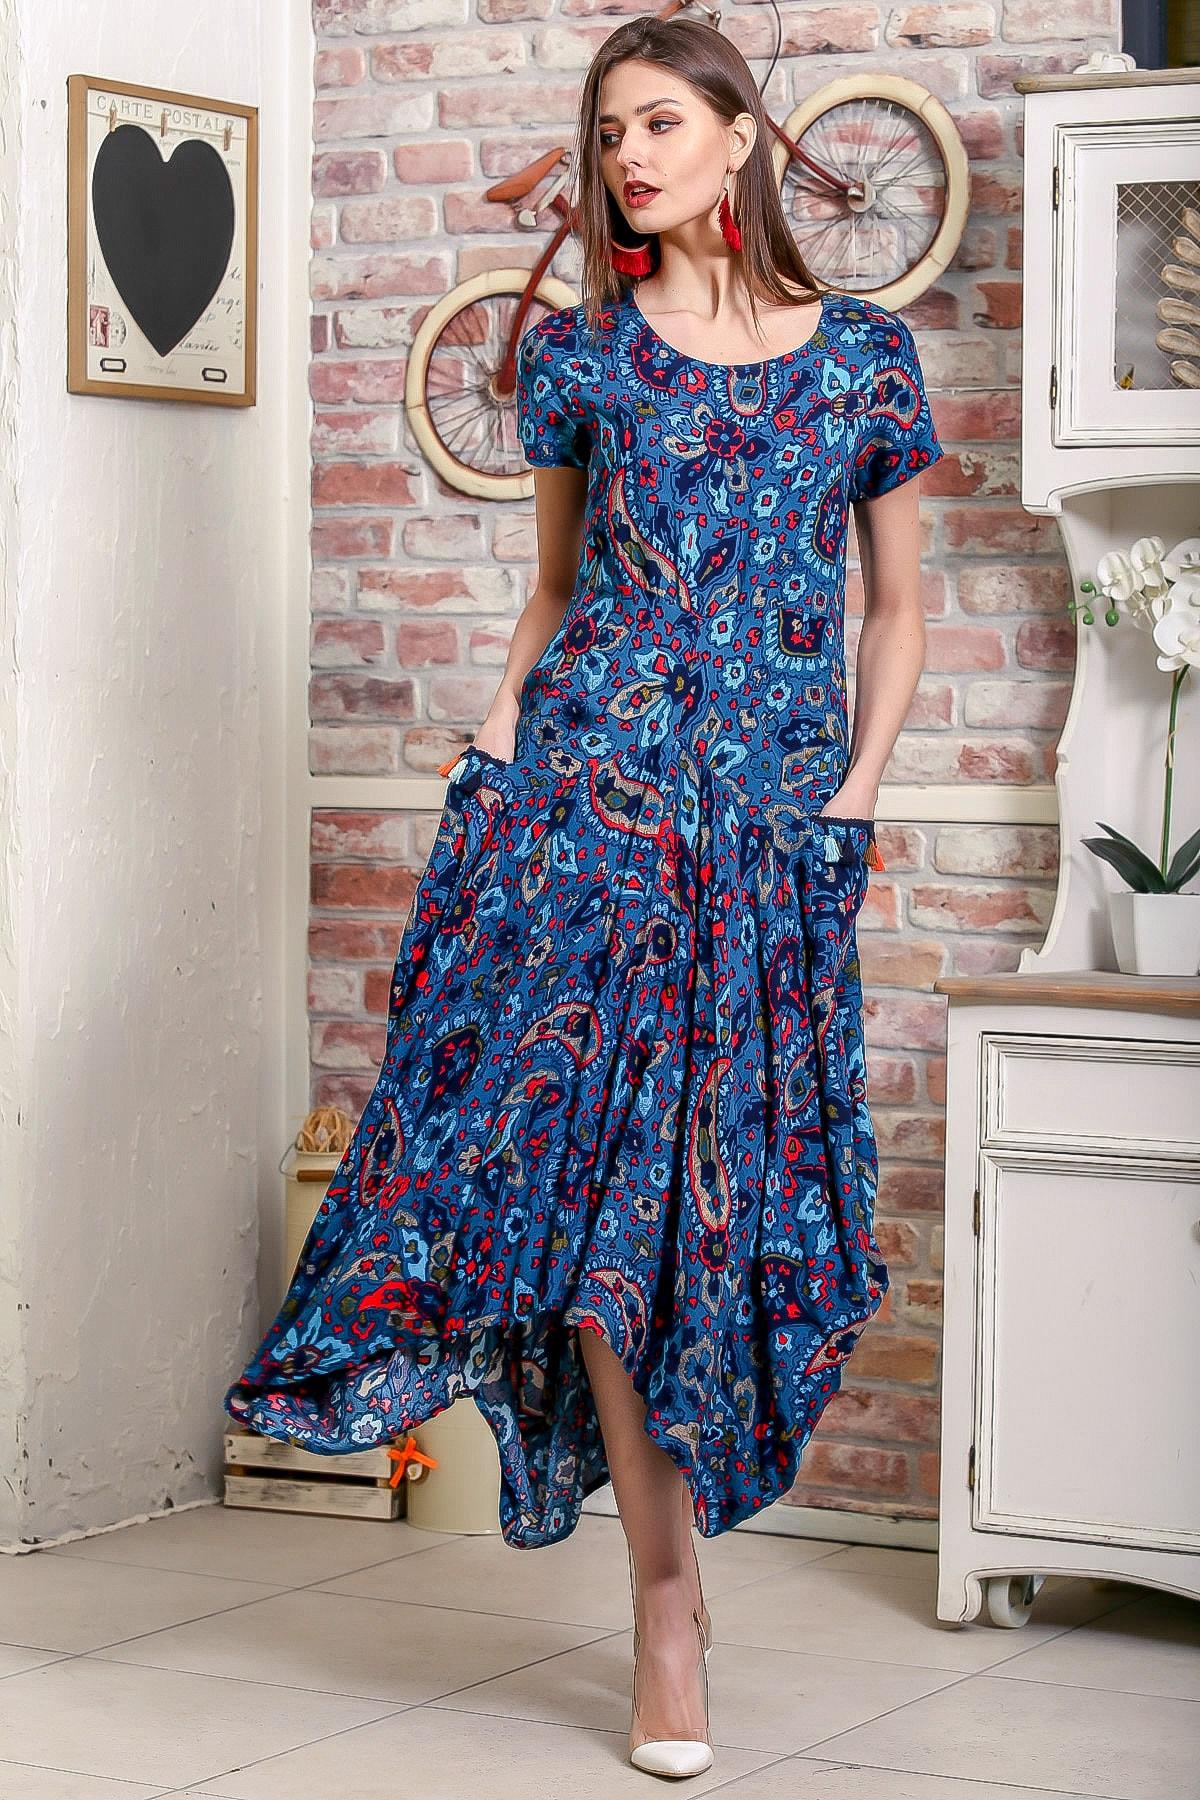 Chiccy Kadın Petrol Mavi Bohem Şal Desen Asimetrik Cepleri Püskül Detaylı Dokuma Elbise 1